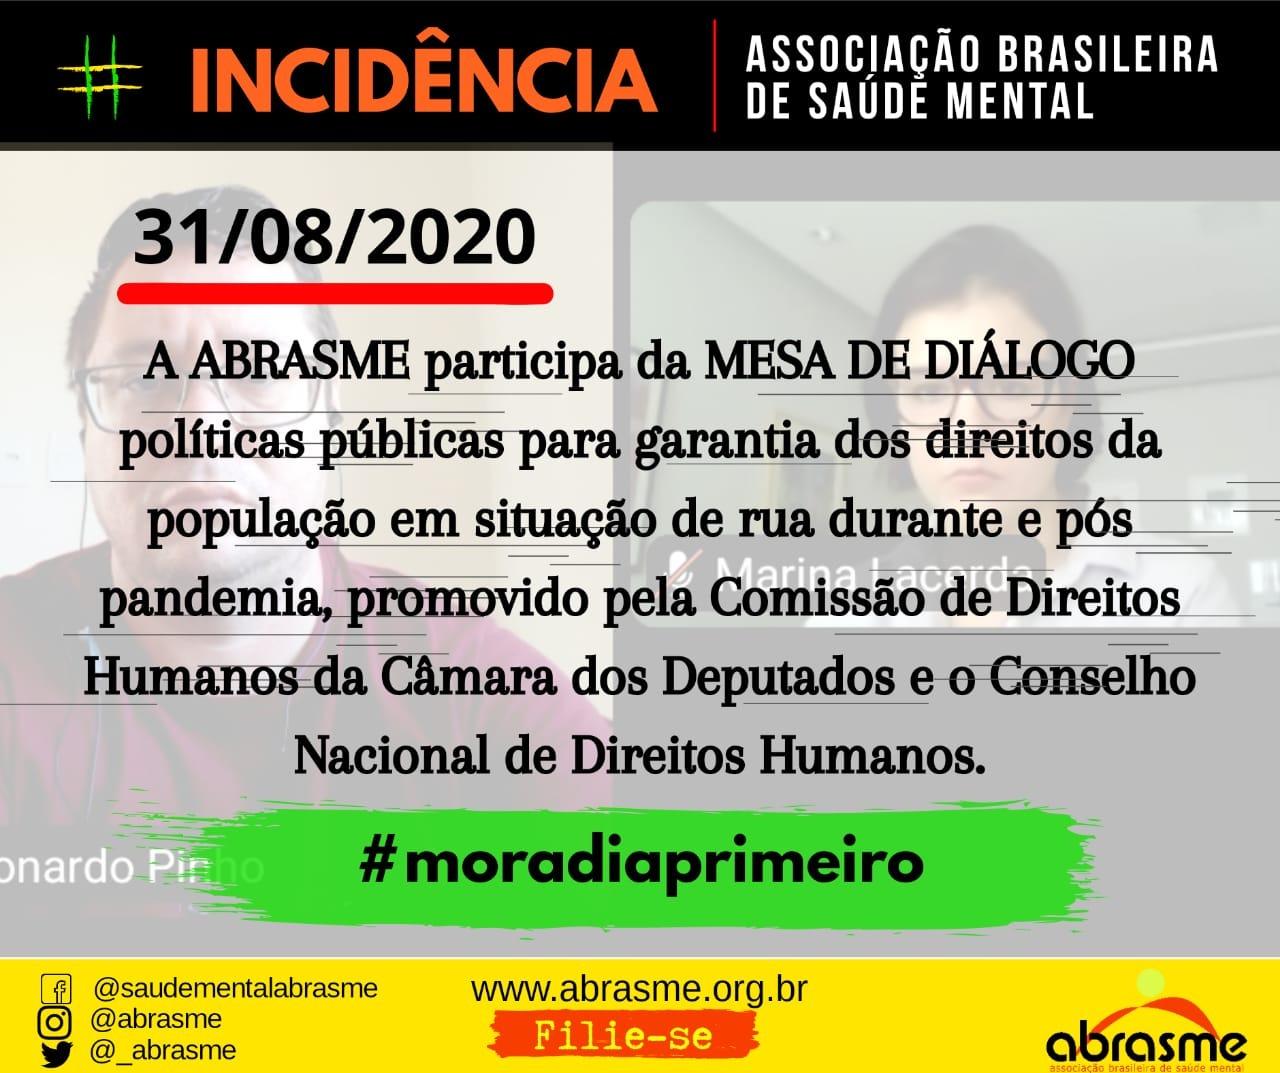 ABRASME participa da Mesa de Diálogo Políticas Públicas para Garantia dos Direitos da População em Situação de Rua